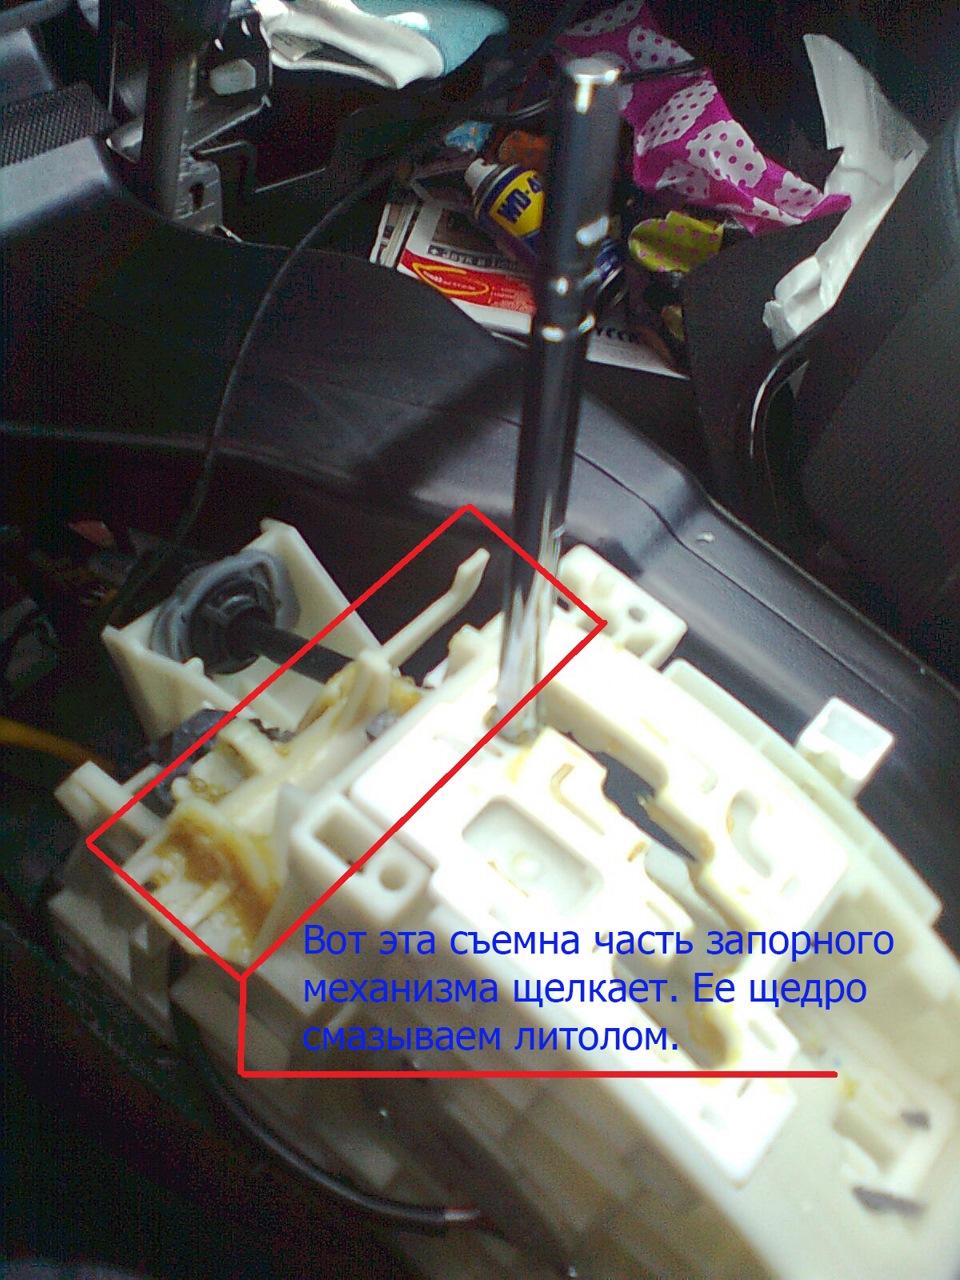 Коробки передач акпп, ошибка работы двигателя на панели приборов форд фокус 2 ff2 дорестайлинг - бортжурнал ford